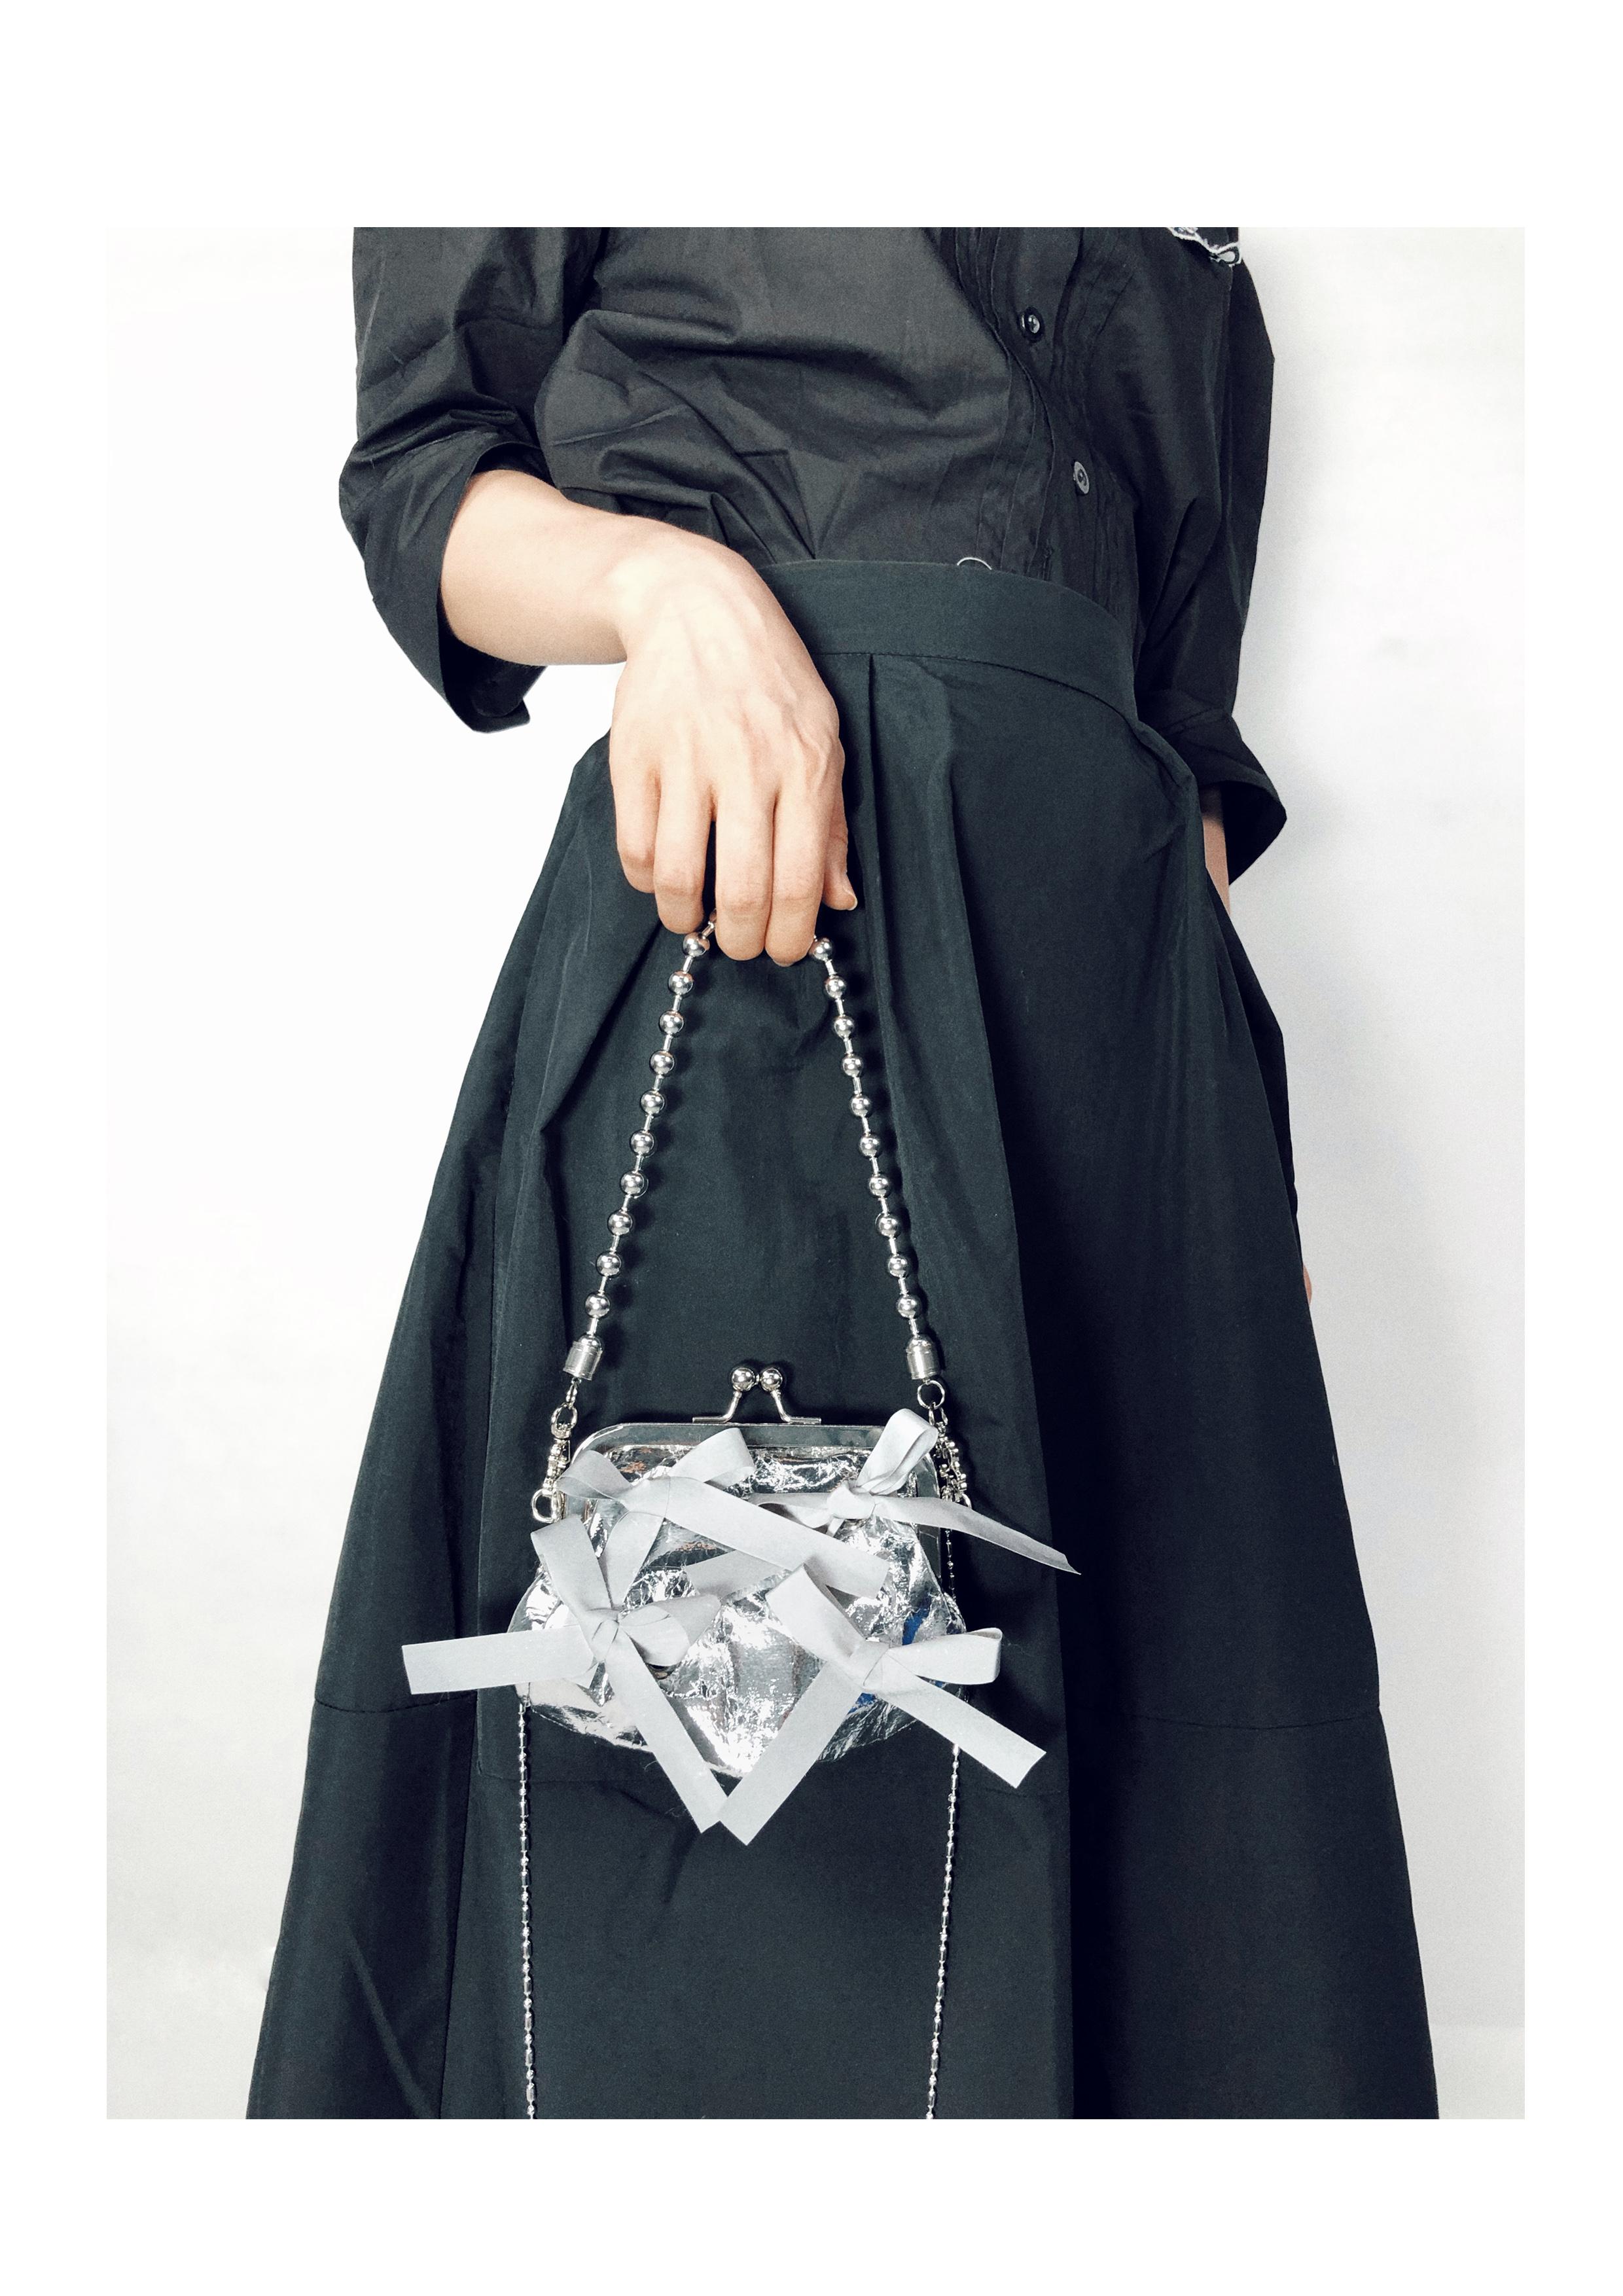 原创设计包包蝴蝶结链条包口金包奔跑吧同款详细照片